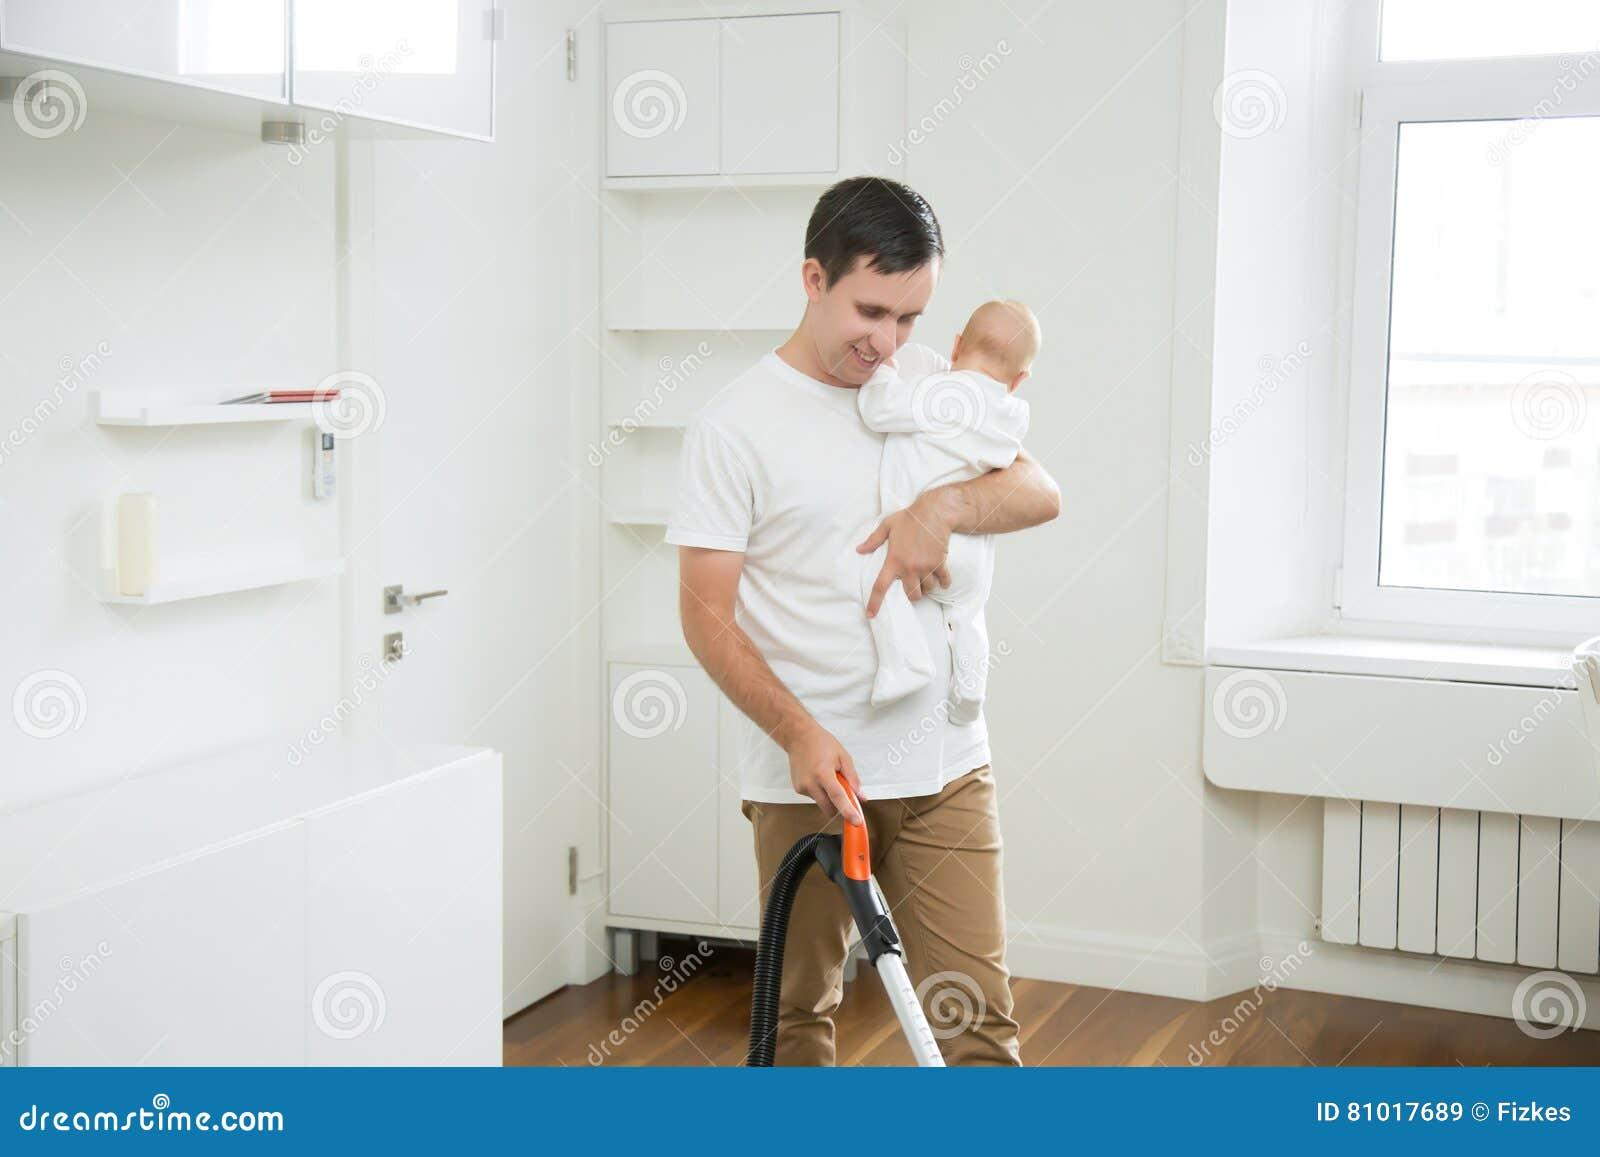 Aspiradora limpia alfombras trendy usado correa limpia - Aspiradora limpia alfombras ...